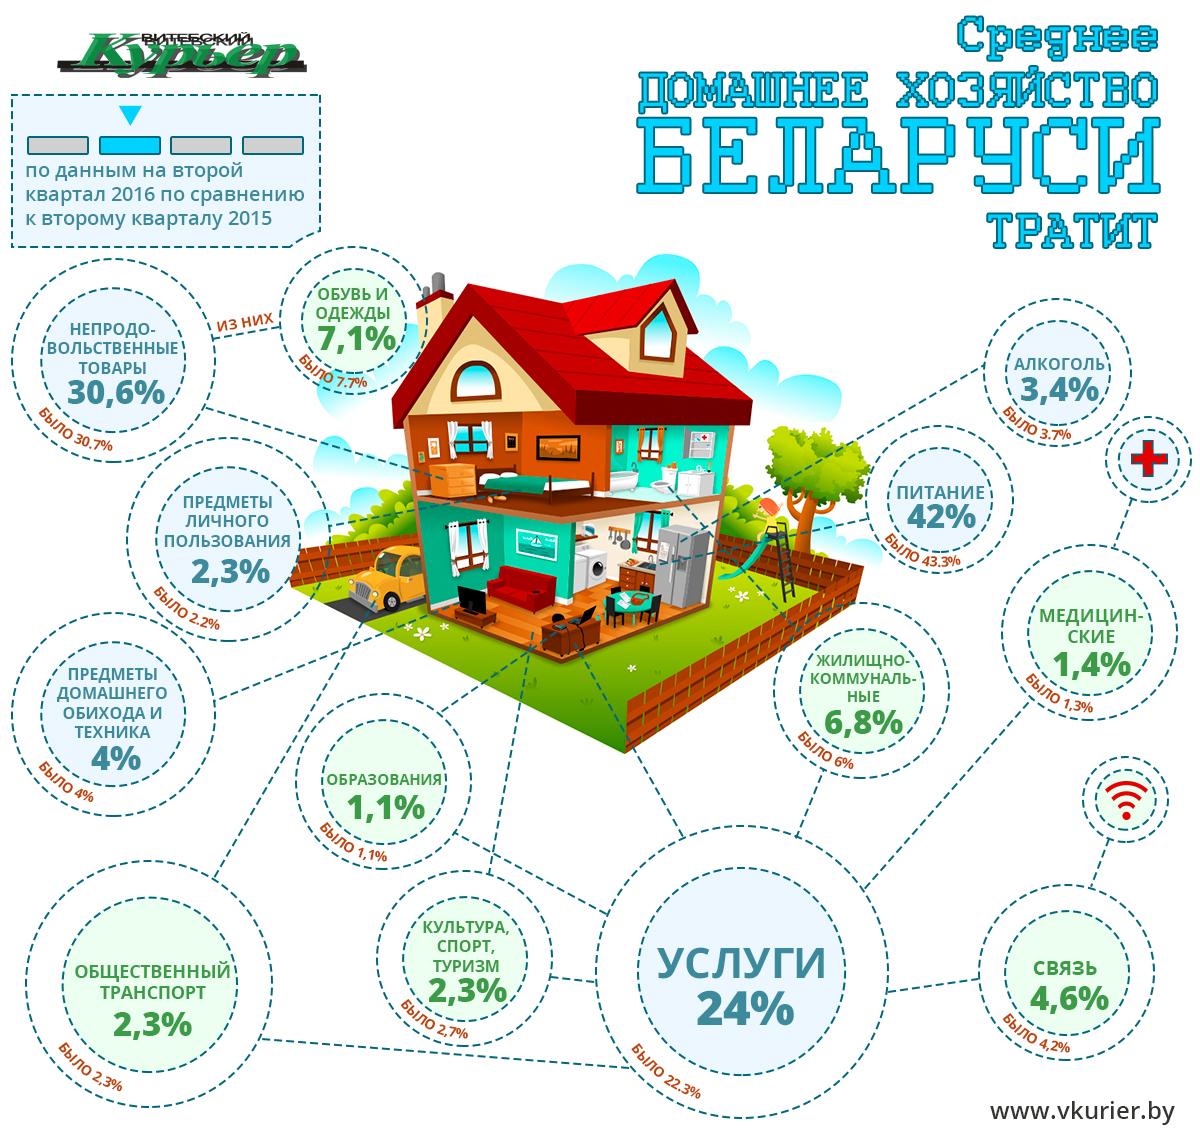 srednee-hozyajstvo-belarusi-tratit